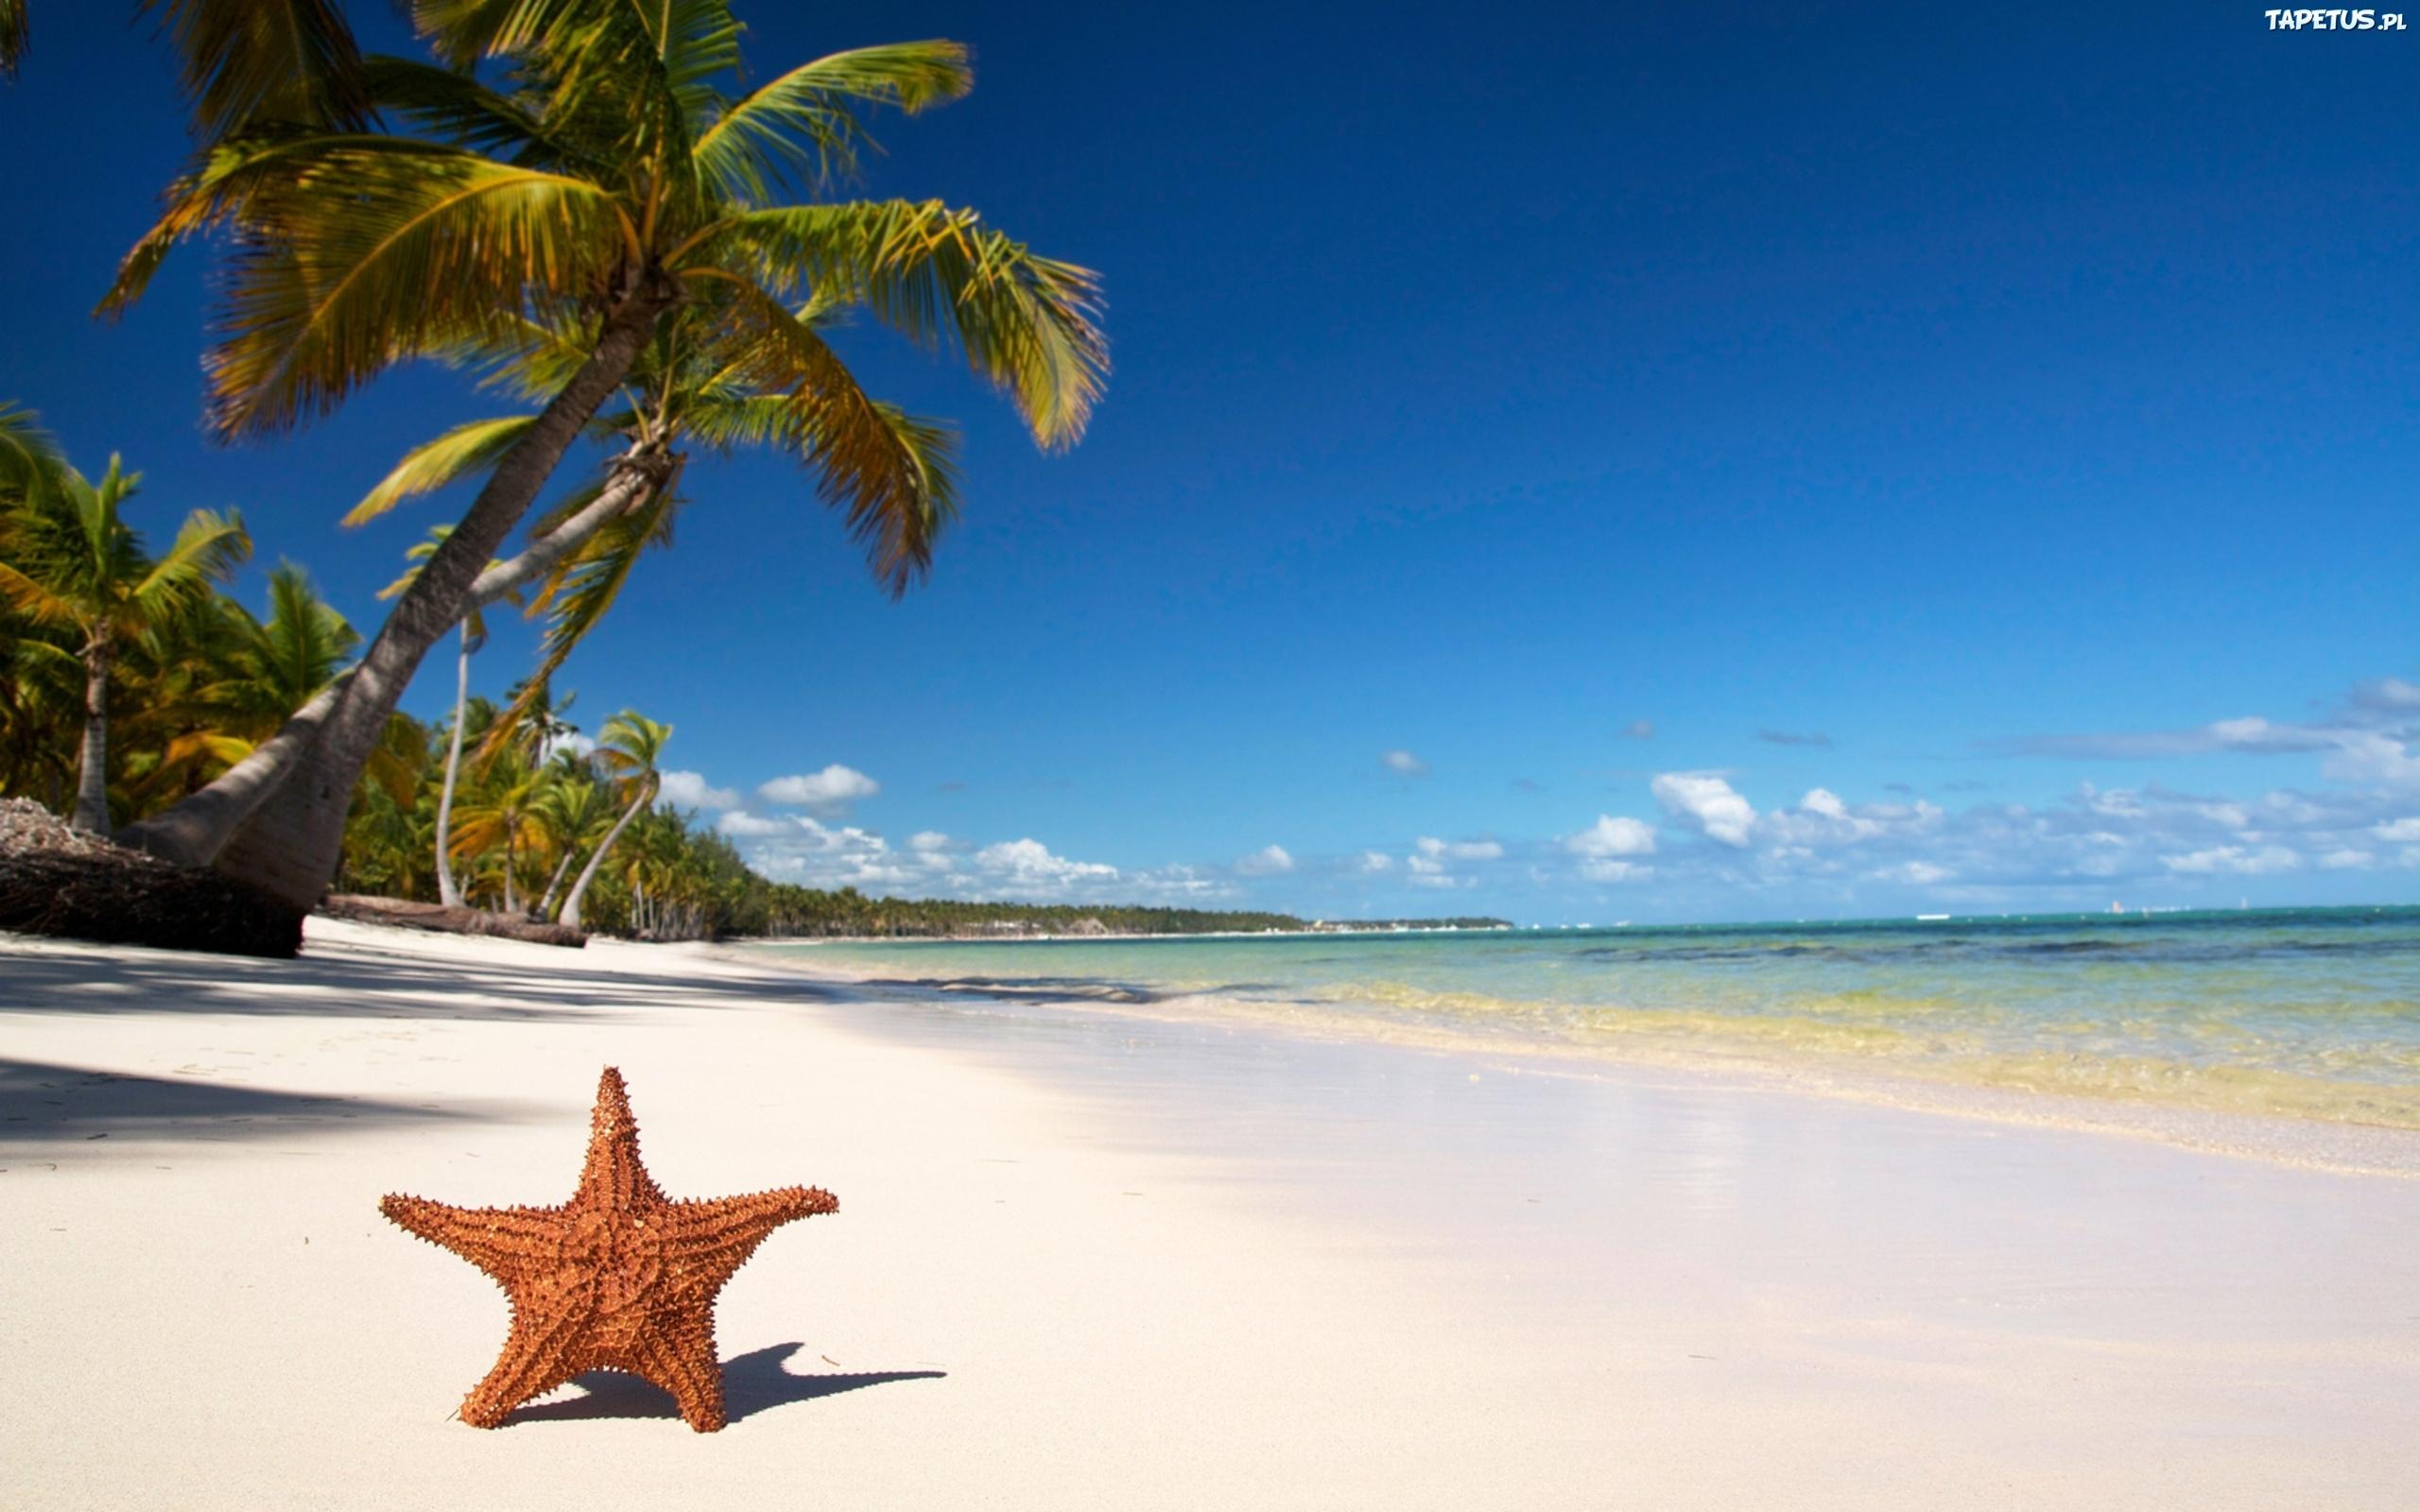 海滩 椰树 沙滩 热带 热带海滩 海岛 大海 海洋 蓝天 白